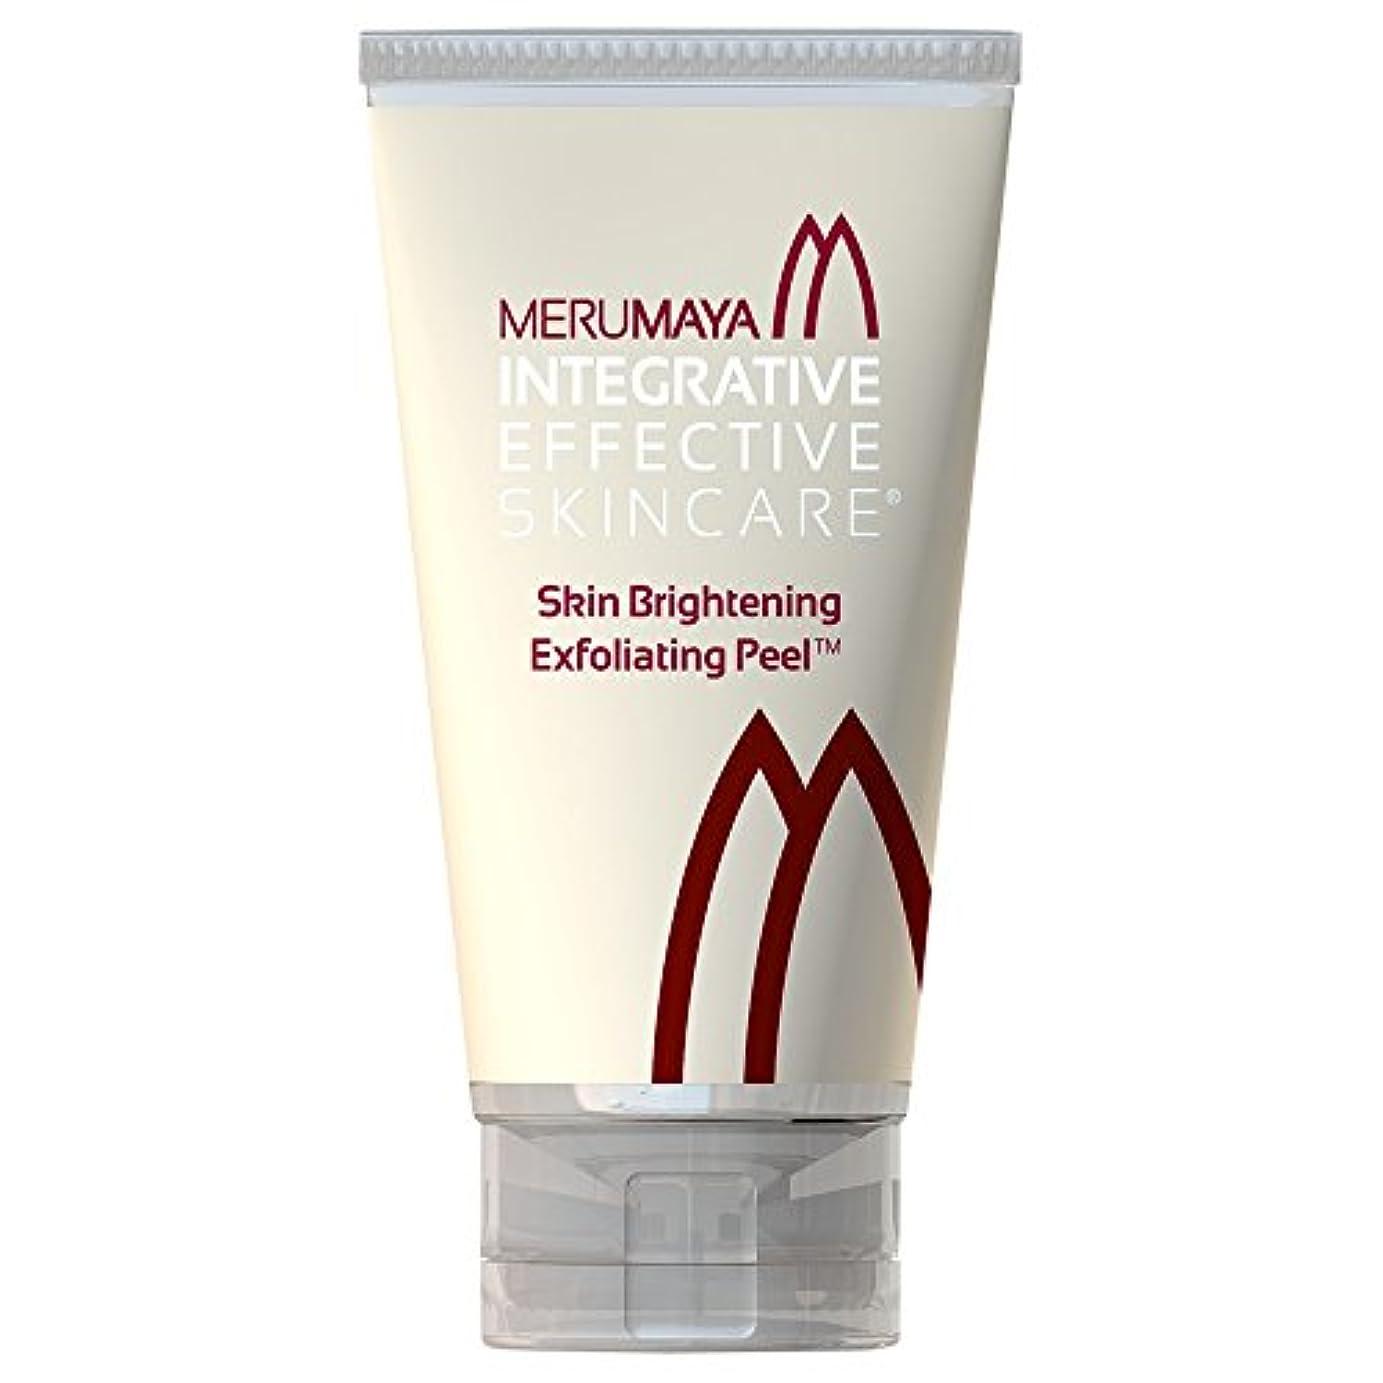 言い聞かせるバック暴露するMerumayaスキンブライトニングピーリング剥離?の50ミリリットル (Merumaya) (x2) - MERUMAYA Skin Brightening Exfoliating Peel? 50ml (Pack of...